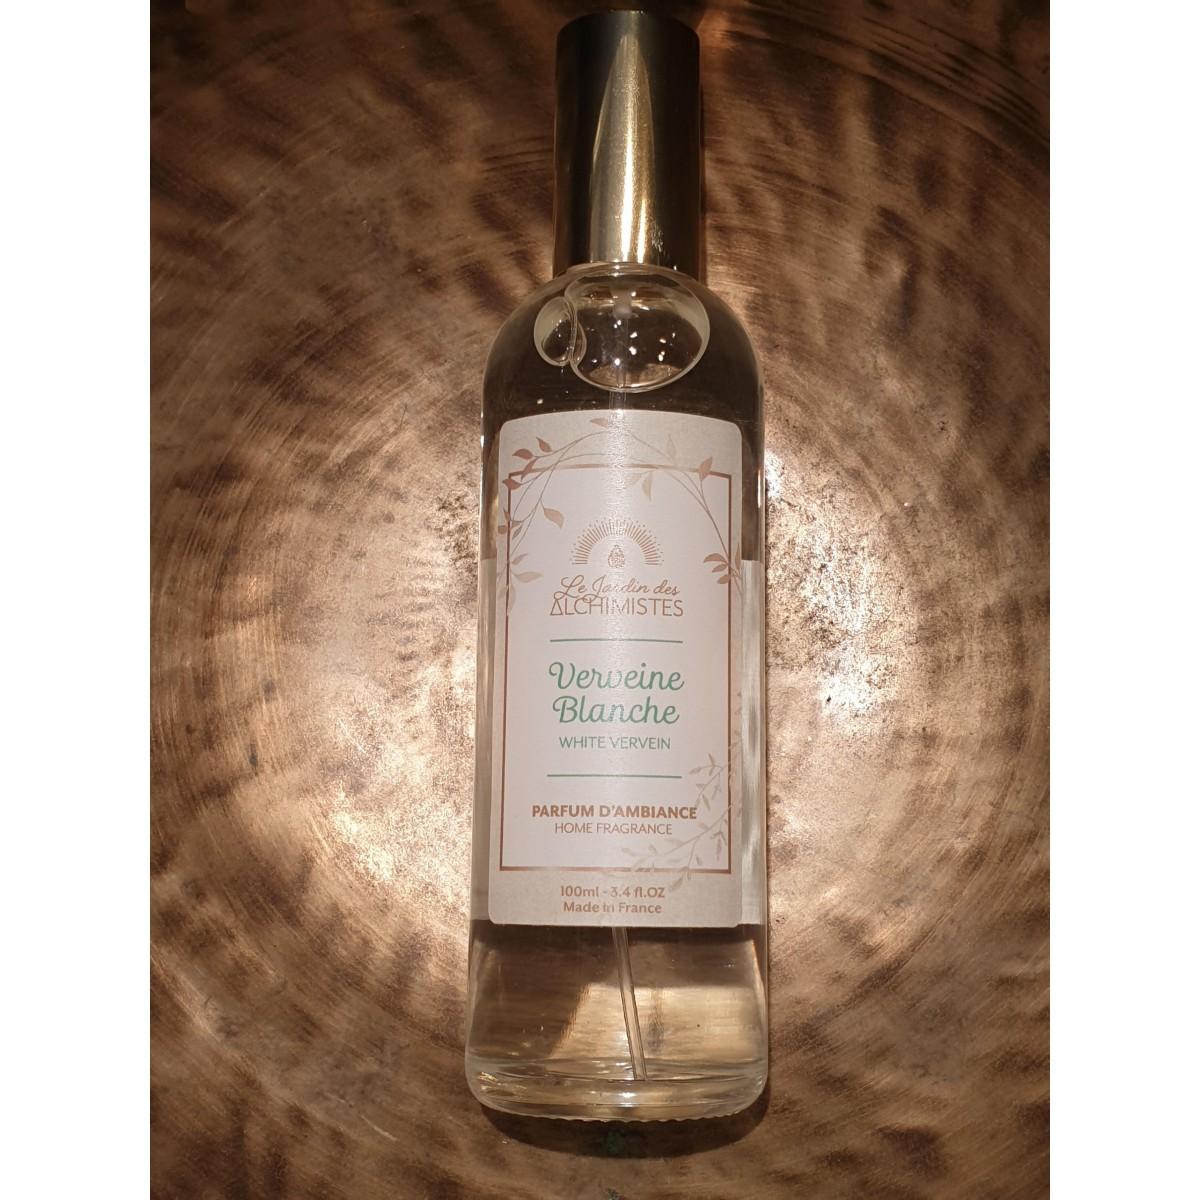 VERVEINE BLANCHE - Parfum d'ambiance